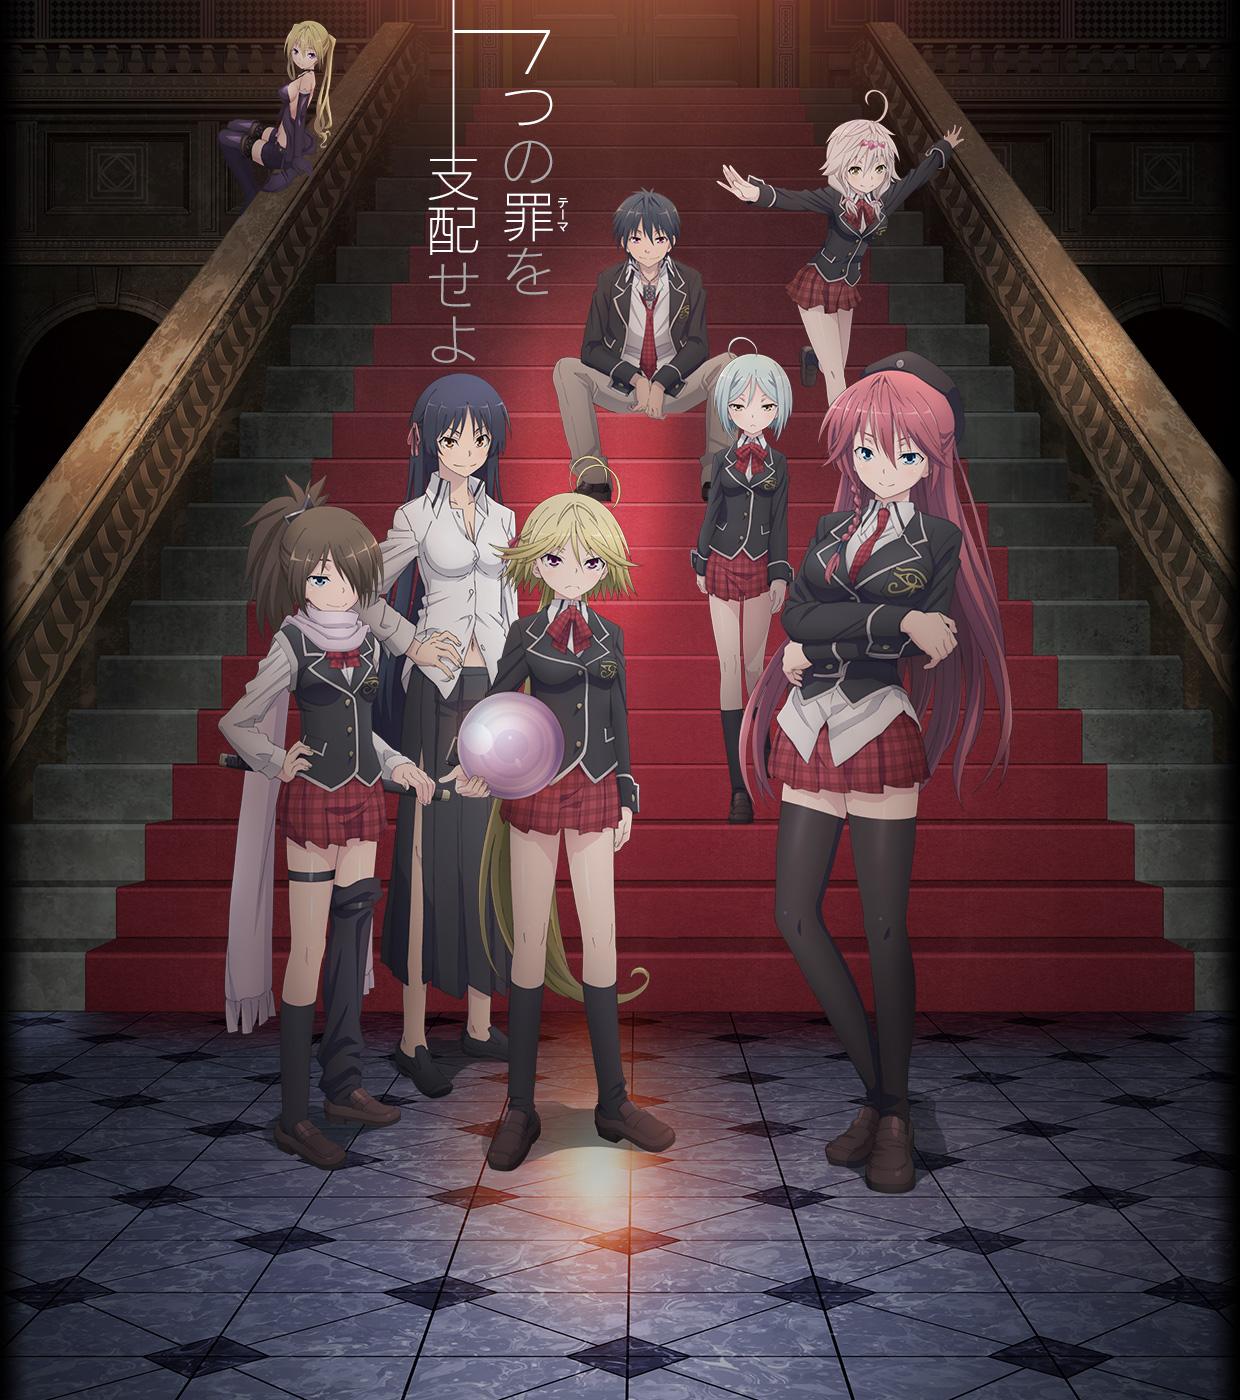 Trinity-Seven-anime-Key-Visual-haruhichan.com-トリニティセブン-Fall-2014-anime